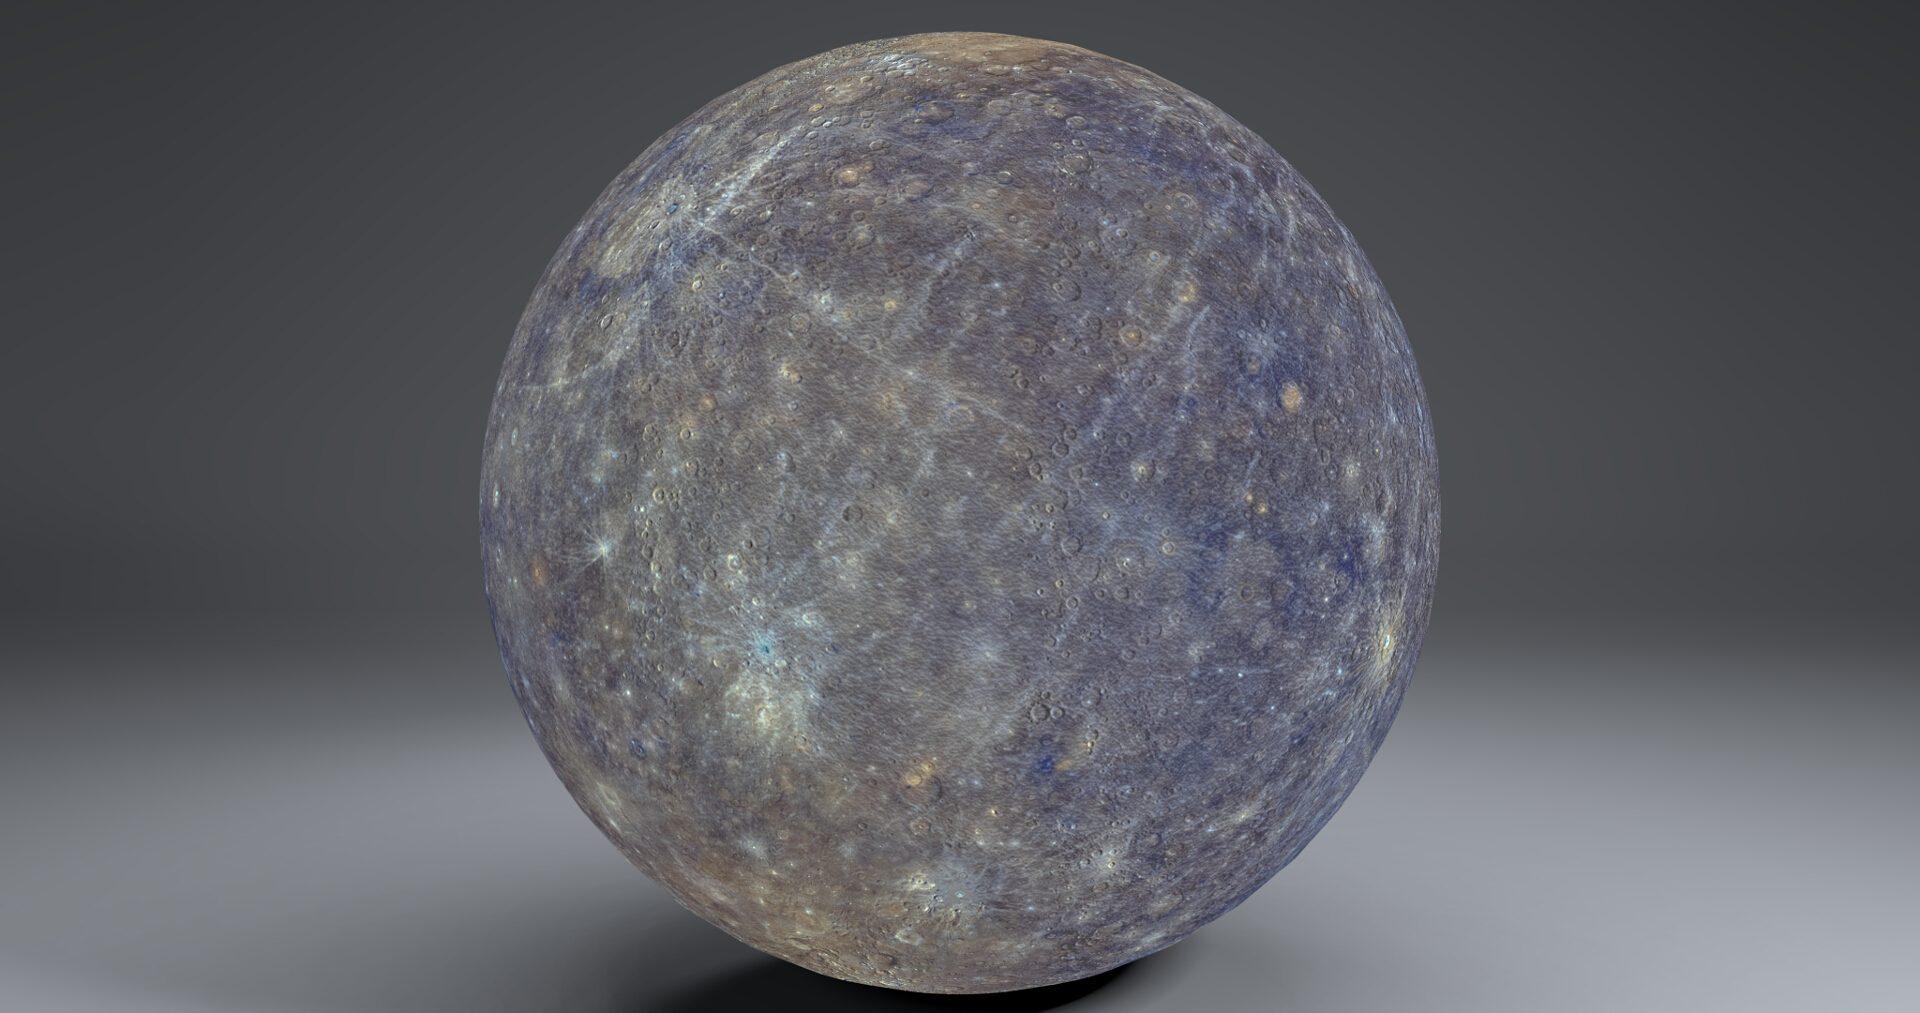 mercury 4k globe 3d model 3ds fbx blend dae obj 252193